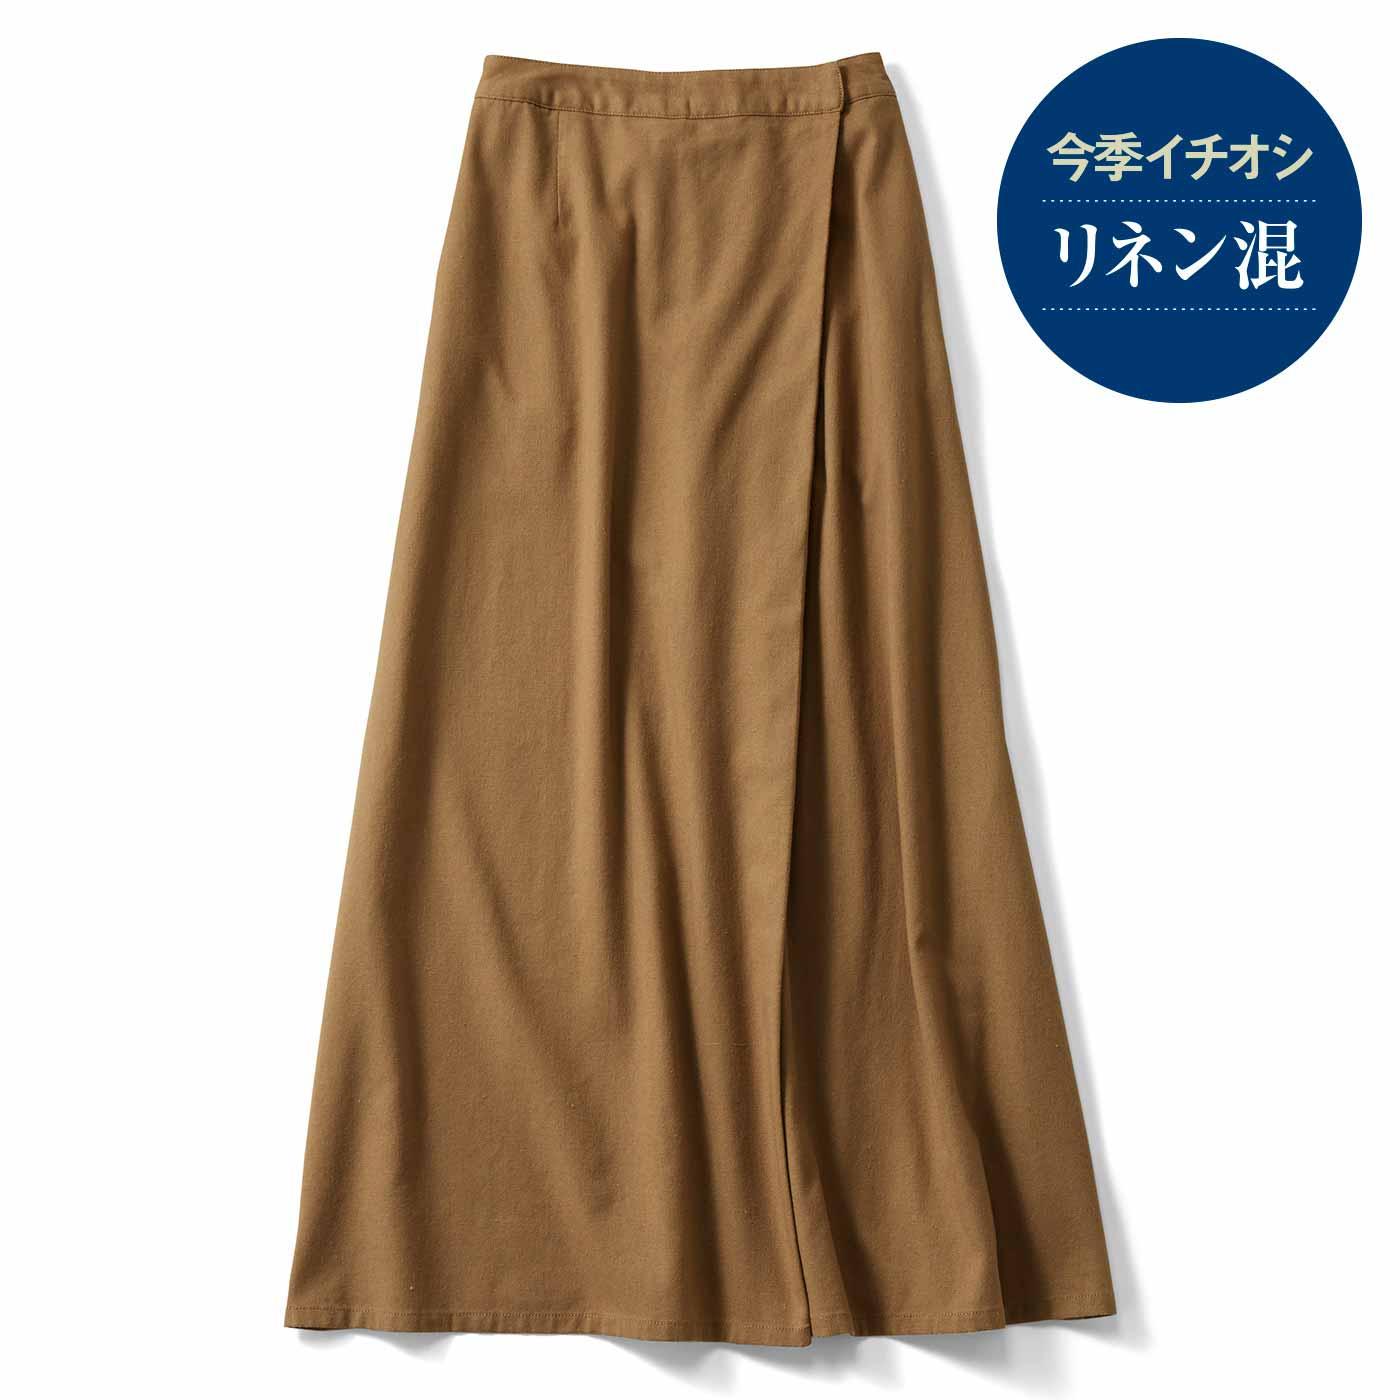 リネンラップ風スカート〈キャメル〉IE